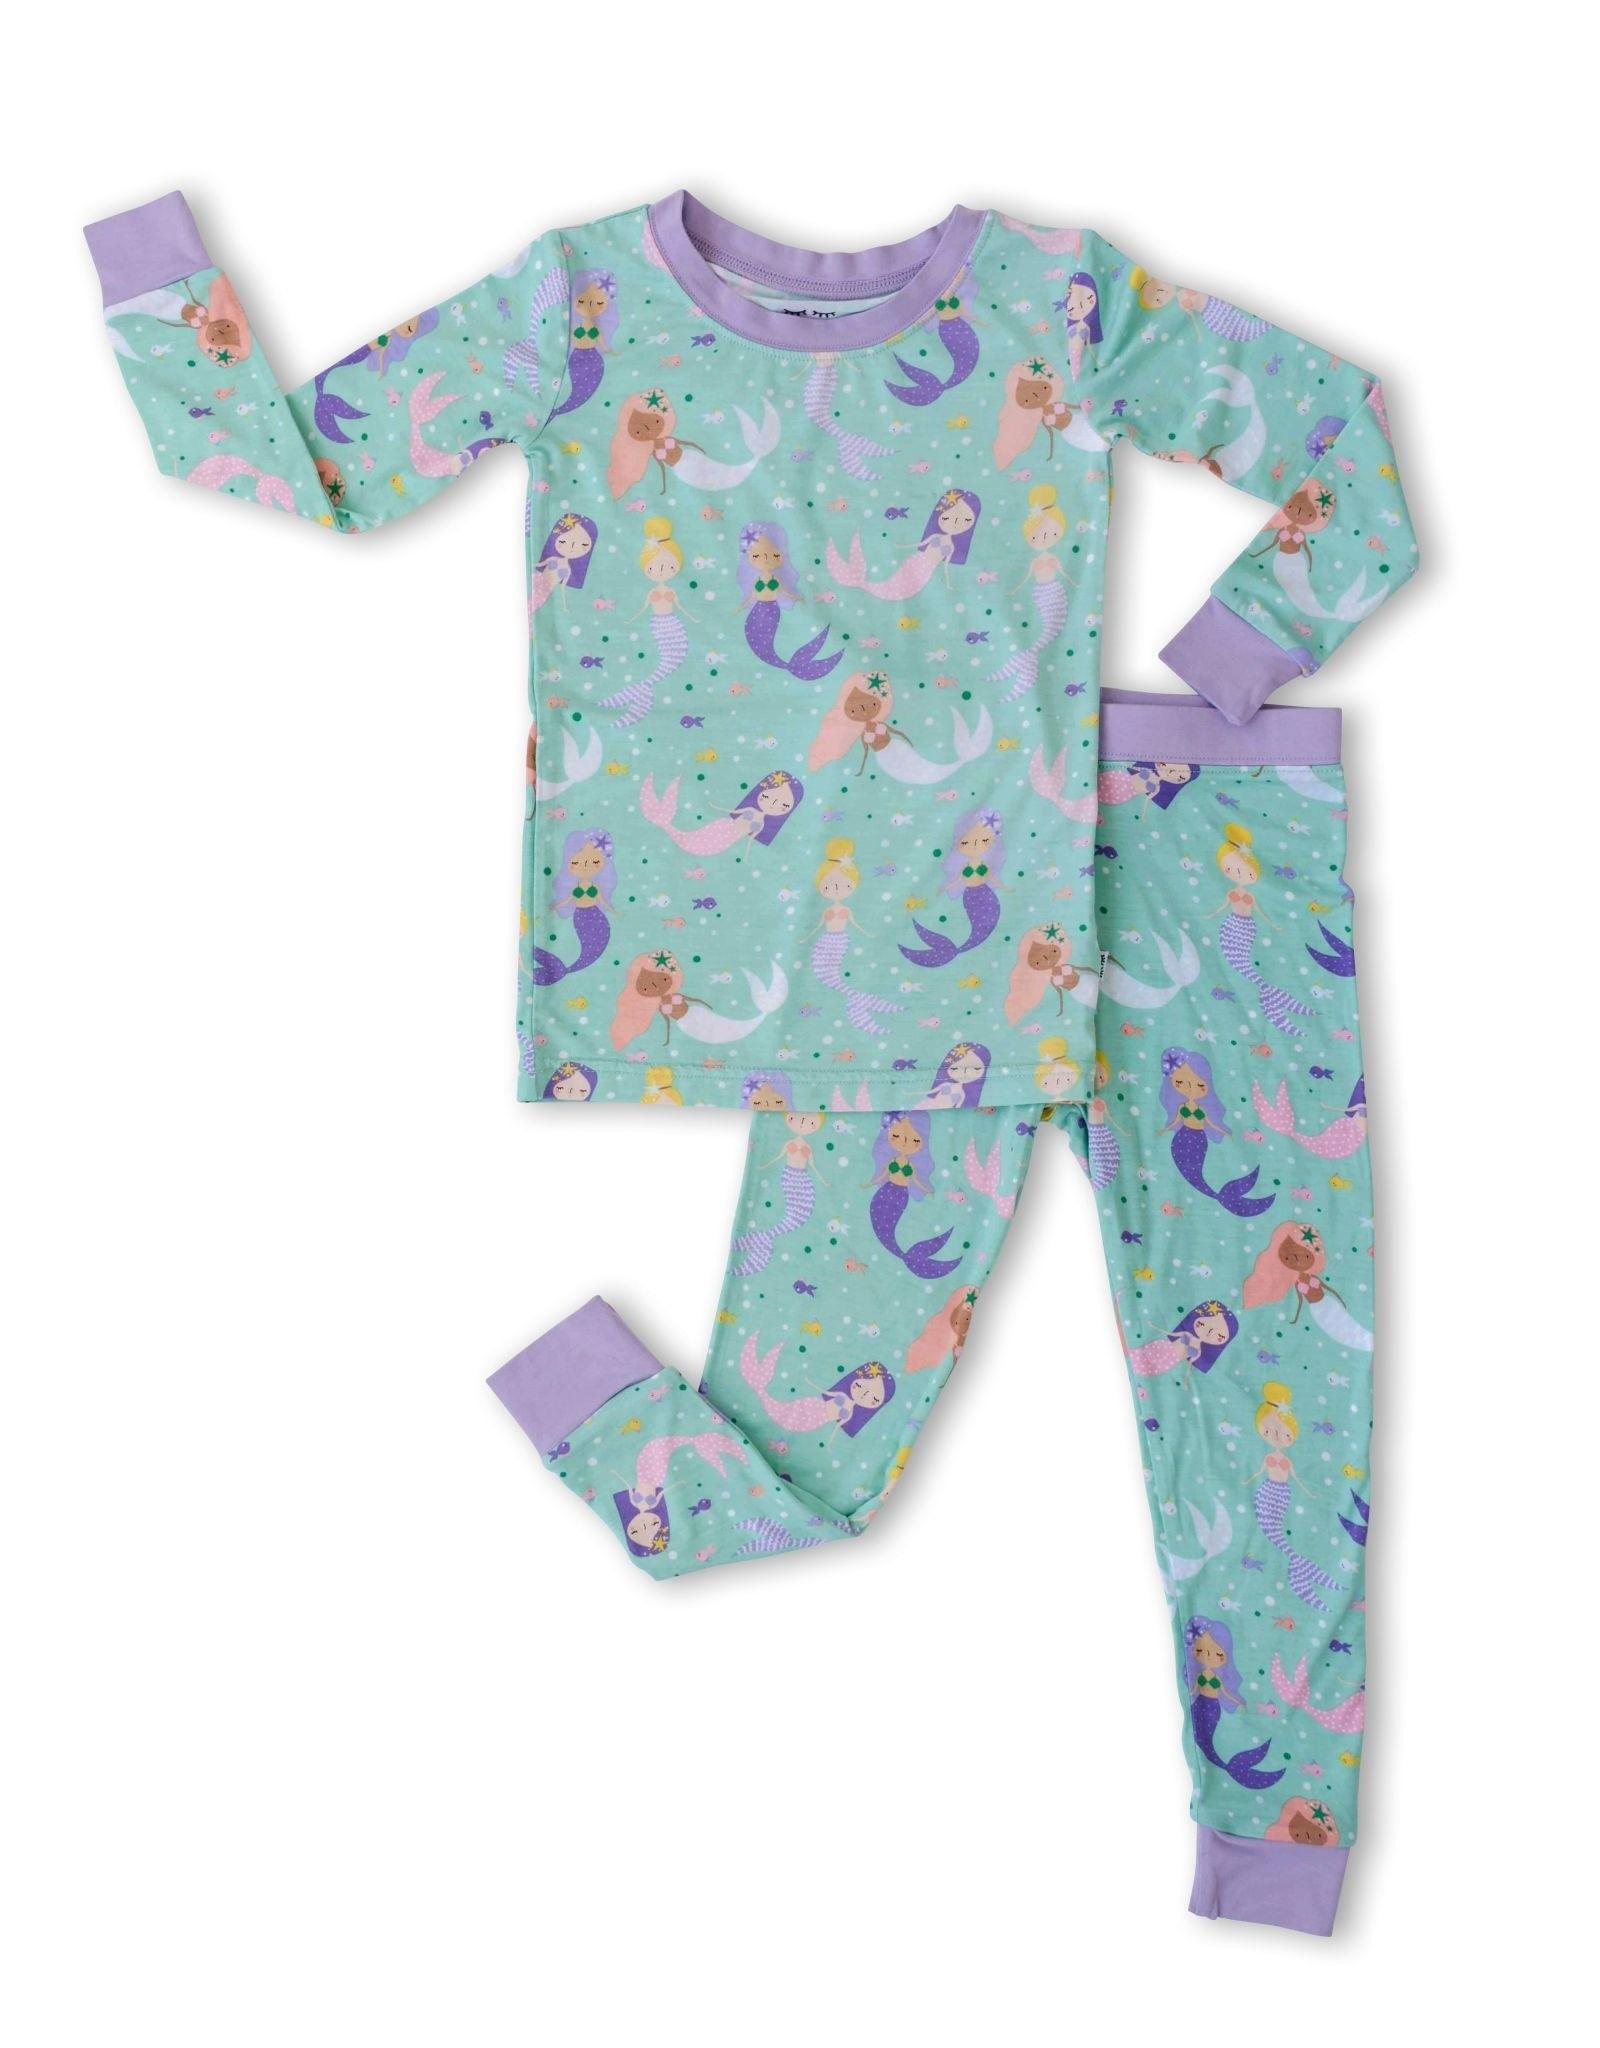 Little Sleepies mermaid magic pajamas